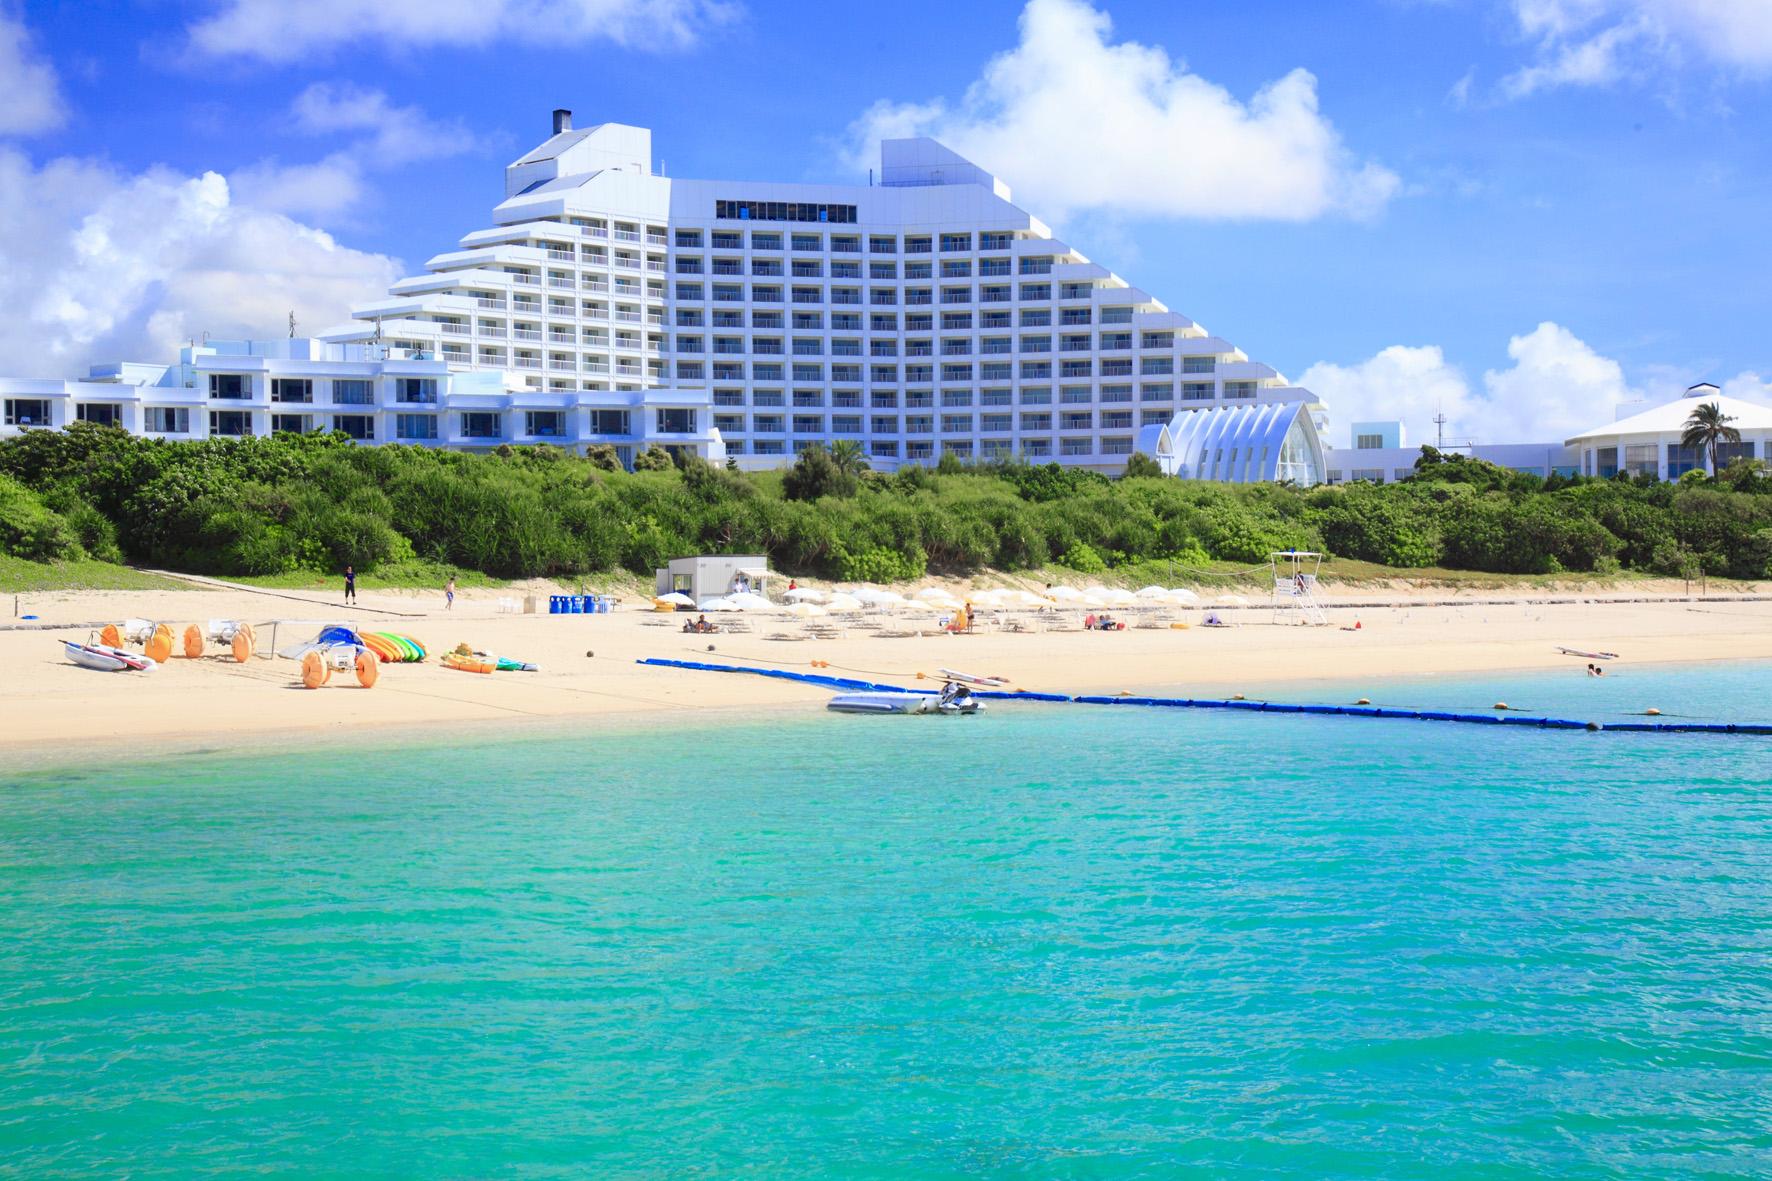 ビーチにプール、ゴルフ場まで。石垣島を代表する島内最大級のリゾート